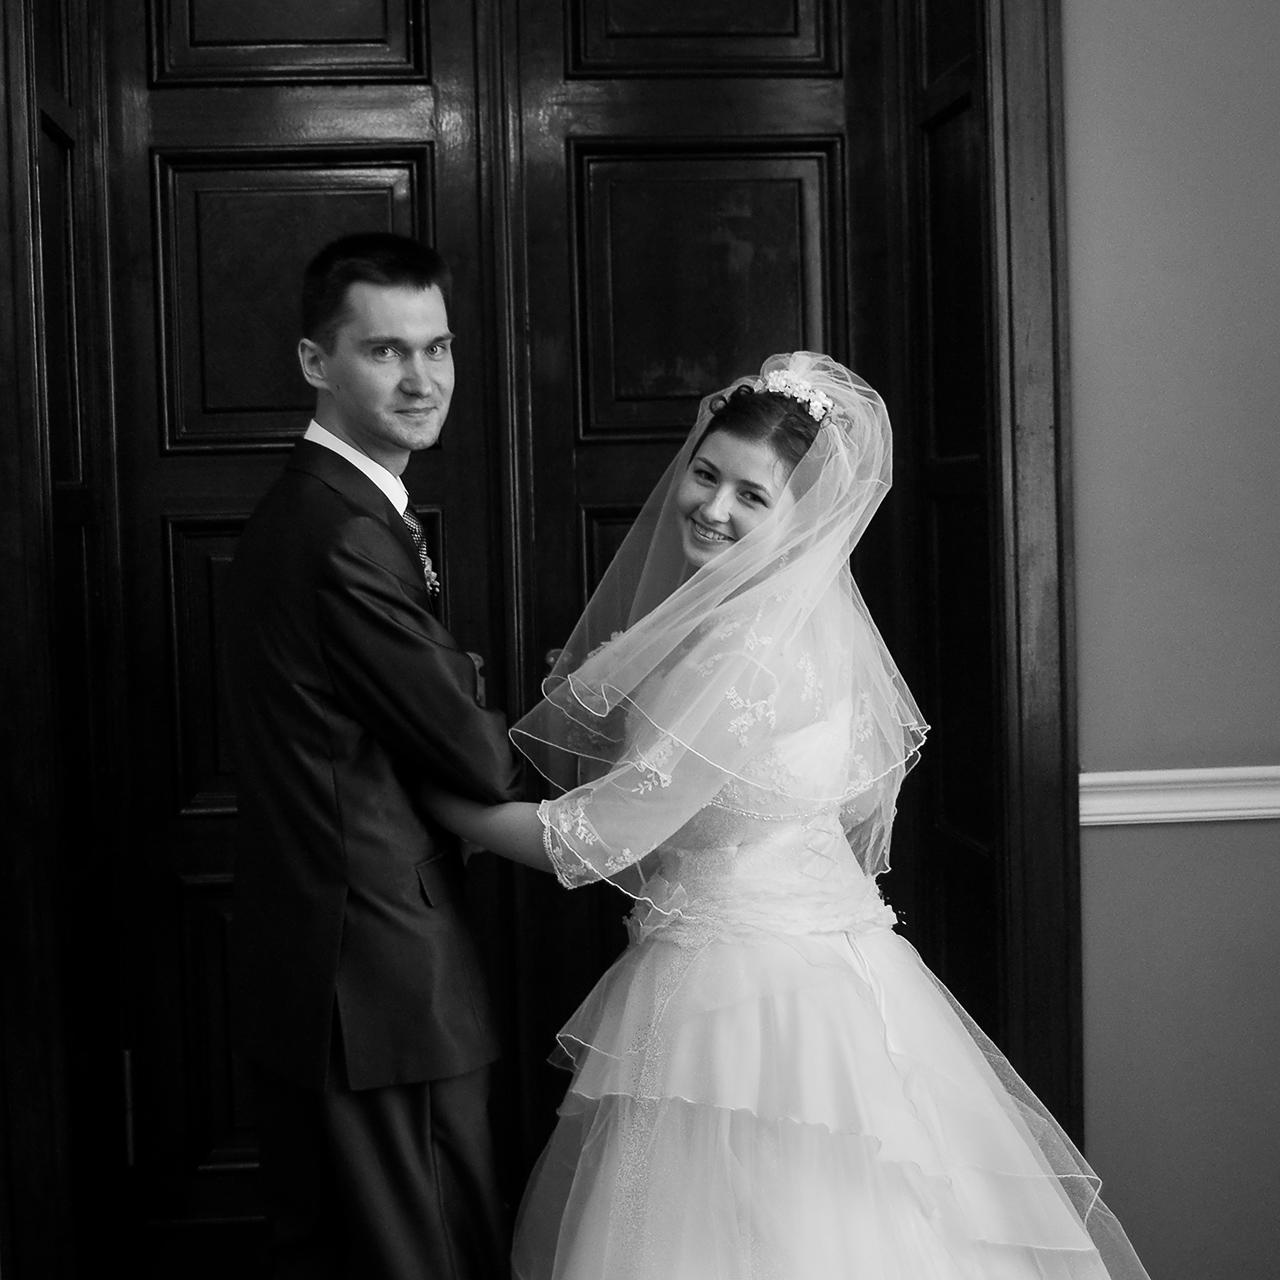 услуги по съемке свадьбы . угар свадебный